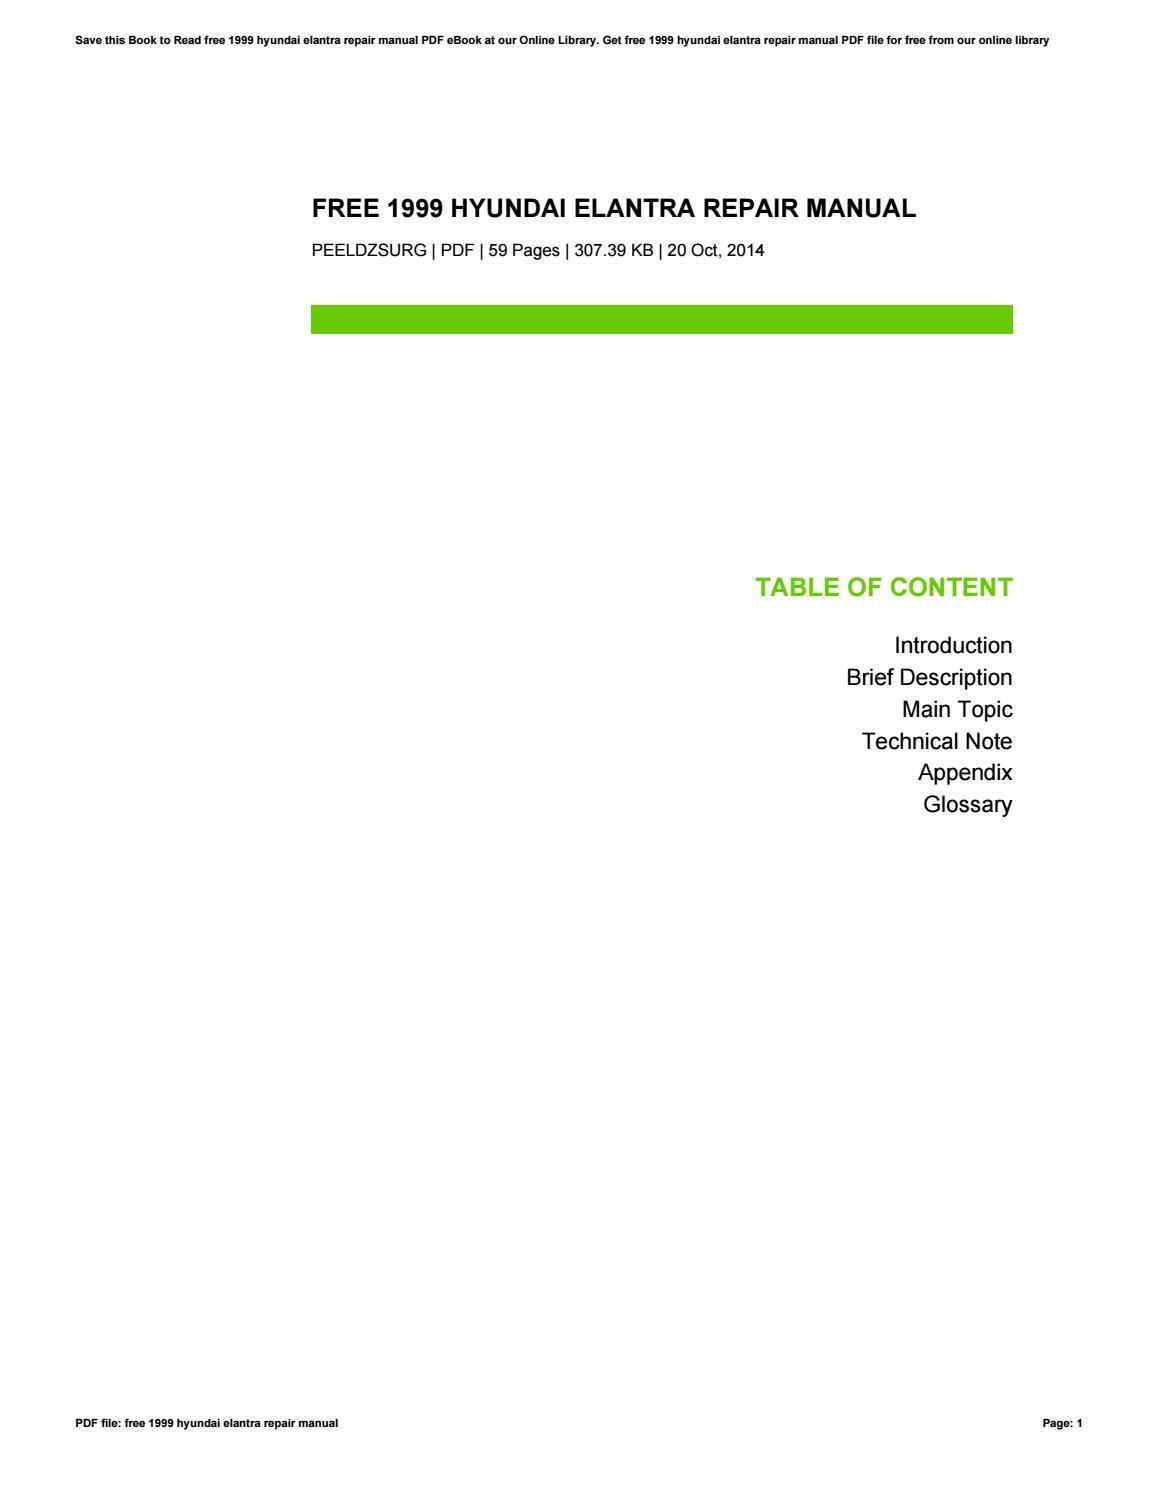 2000 hyundai elantra service manual ebook array 1999 hyundai elantra service manual pdf free future cars release date rh futurecarimage com fandeluxe Choice Image